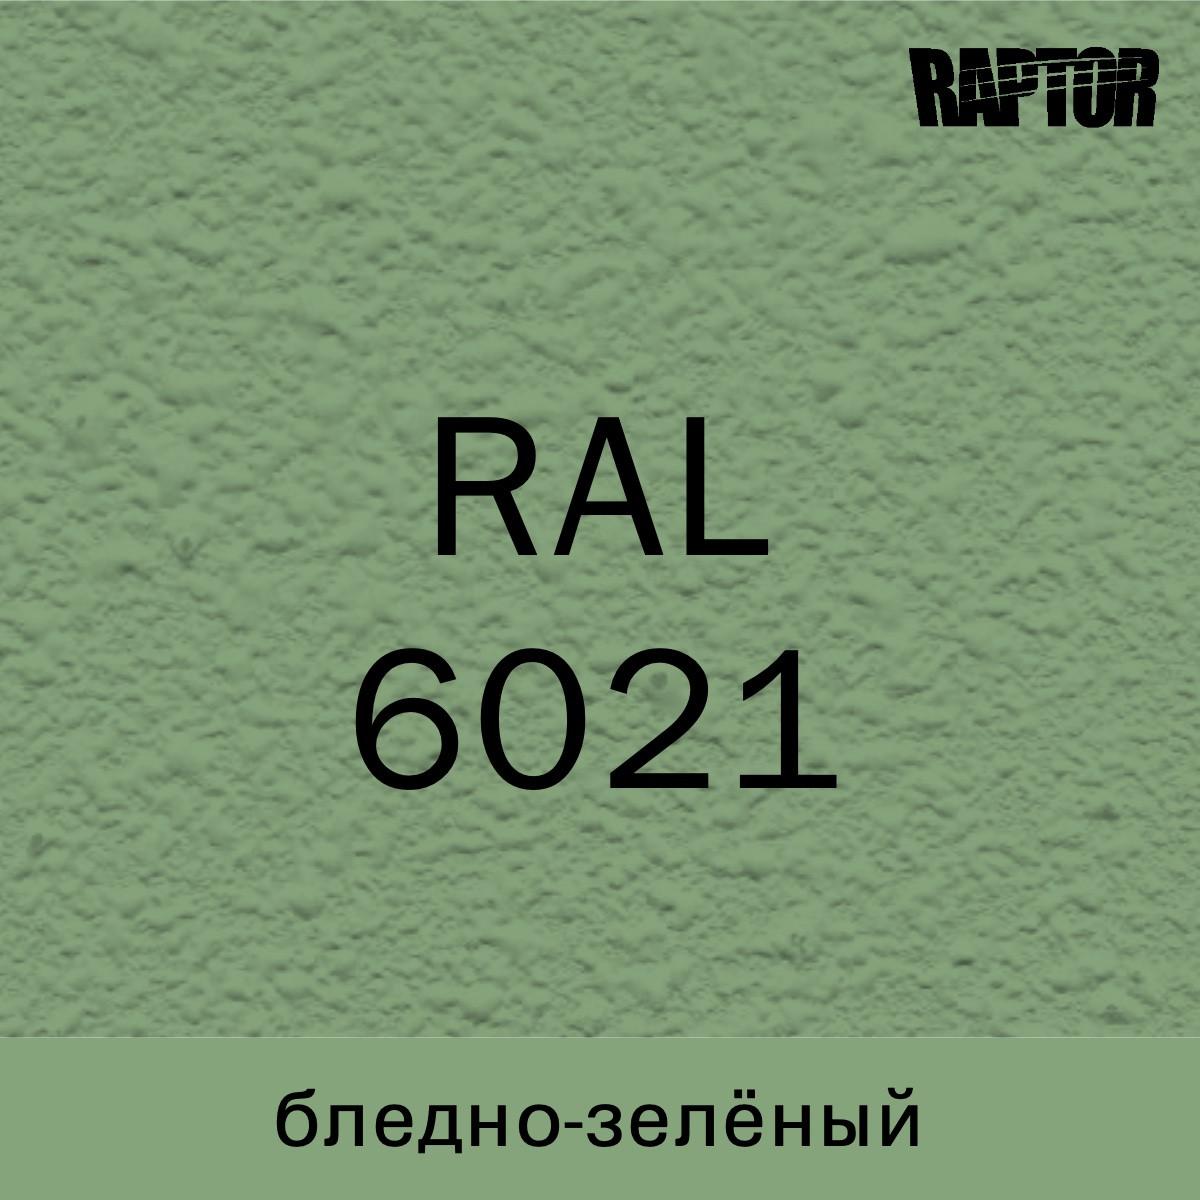 Пигмент для колеровки покрытия RAPTOR™ Бледно-зелёный (RAL 6021)